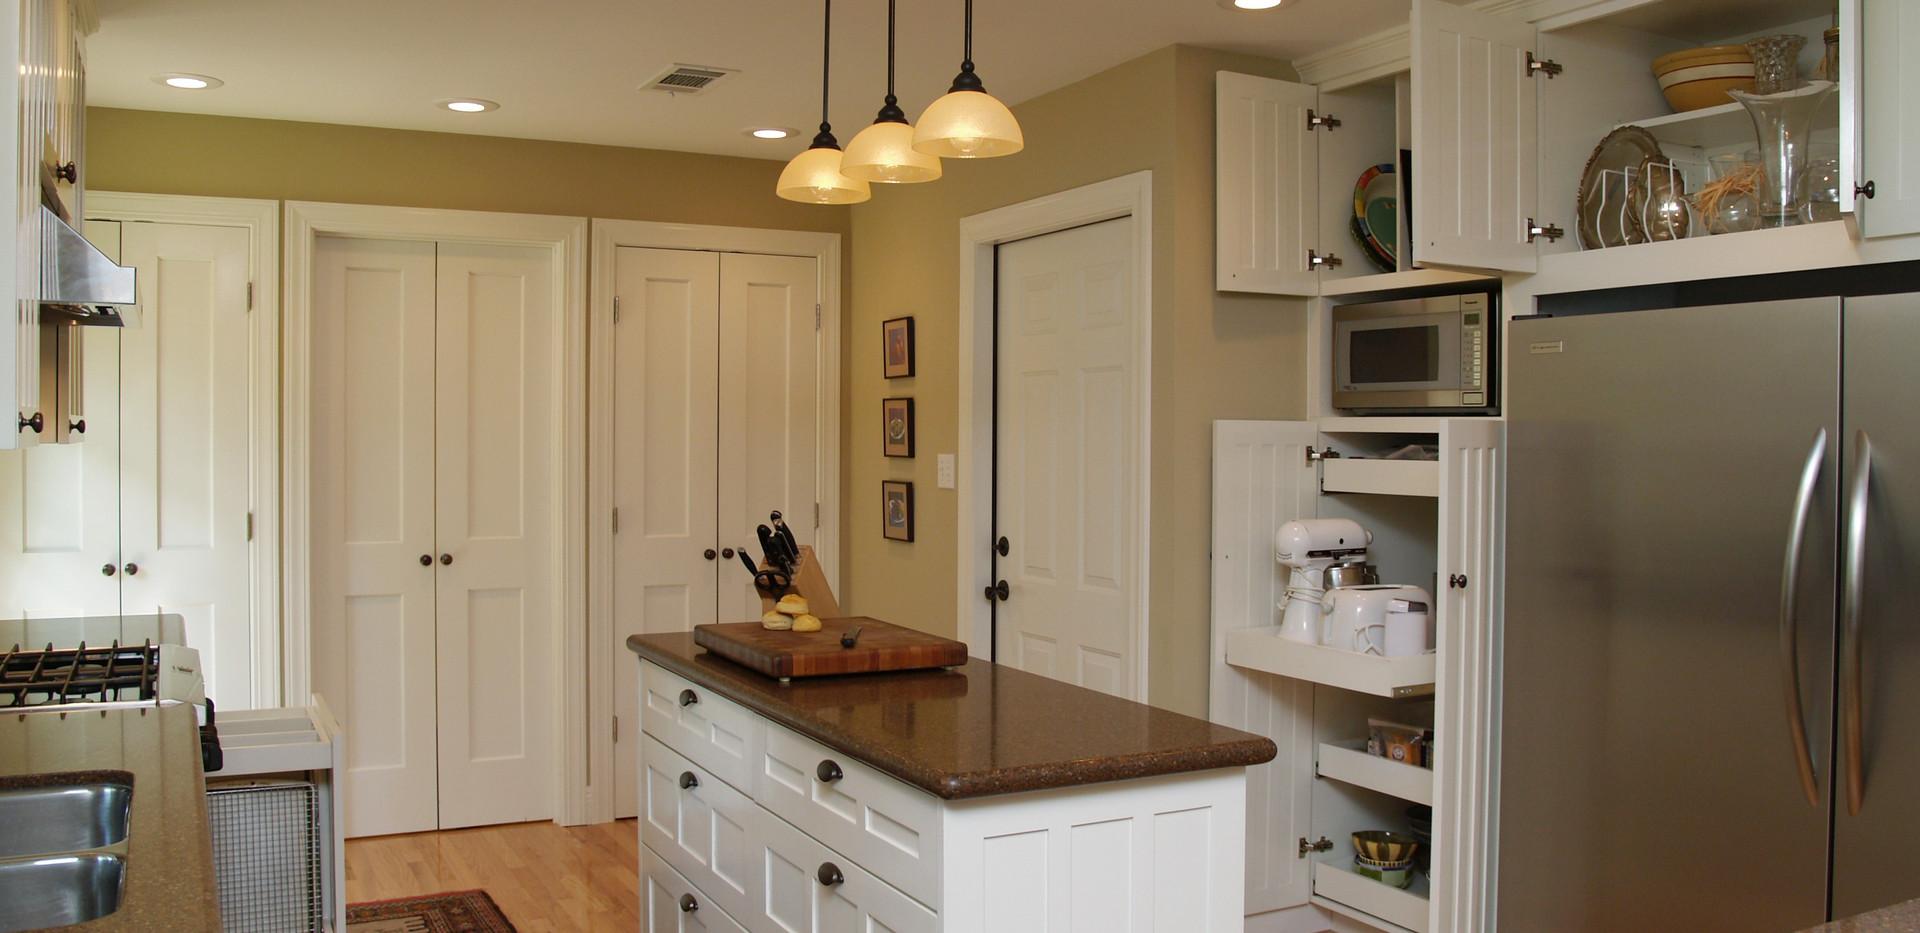 021_Kitchen- Cabinets Open.jpg